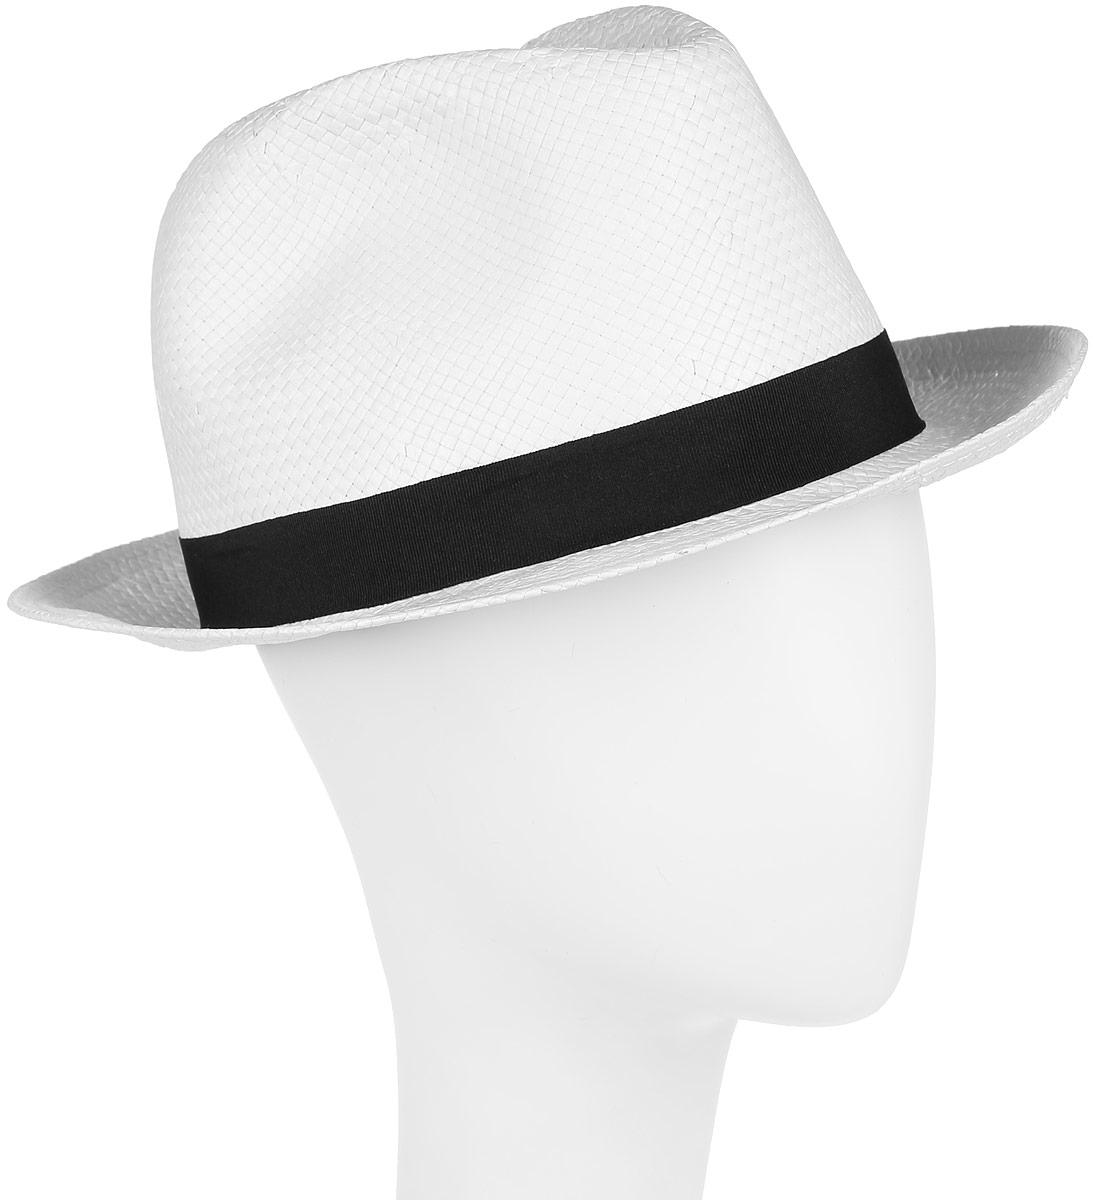 Шляпа женская Canoe Koko, цвет: белый. 1964331. Размер 561964331Шляпа-федора Canoe Koko непременно украсит любой наряд.Шляпа из искусственной соломы вокруг тульи оформлена трикотажной лентой и бантом с логотипом фирмы. Благодаря своей форме, шляпа удобно садится по голове и подойдет к любому стилю. Плетение шляпы позволяет ей пропускать воздух, что обеспечивает необходимую вентиляцию.Такая шляпа подчеркнет вашу неповторимость и дополнит ваш повседневный образ.